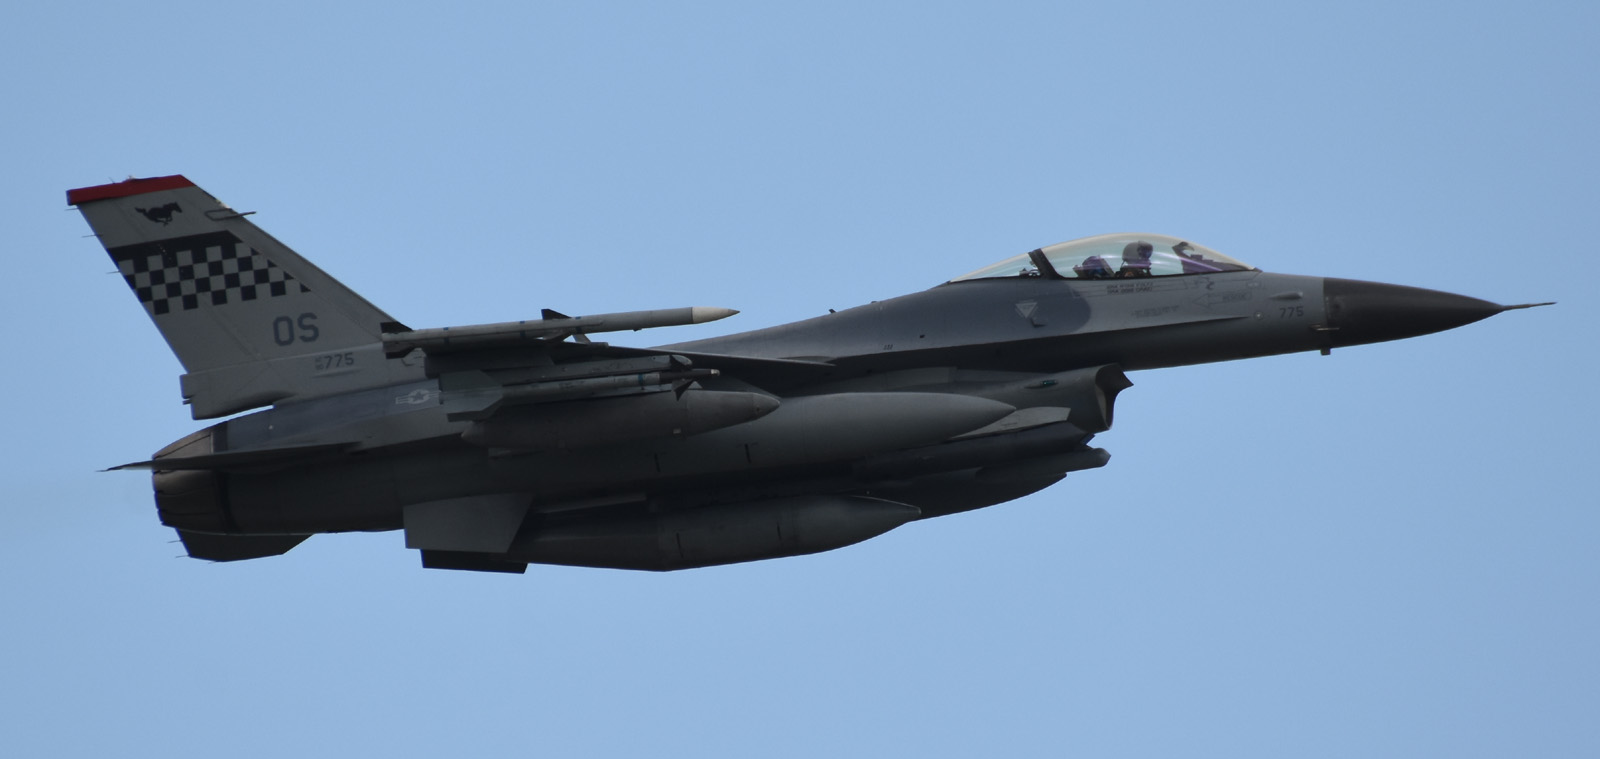 F16cm170604g384